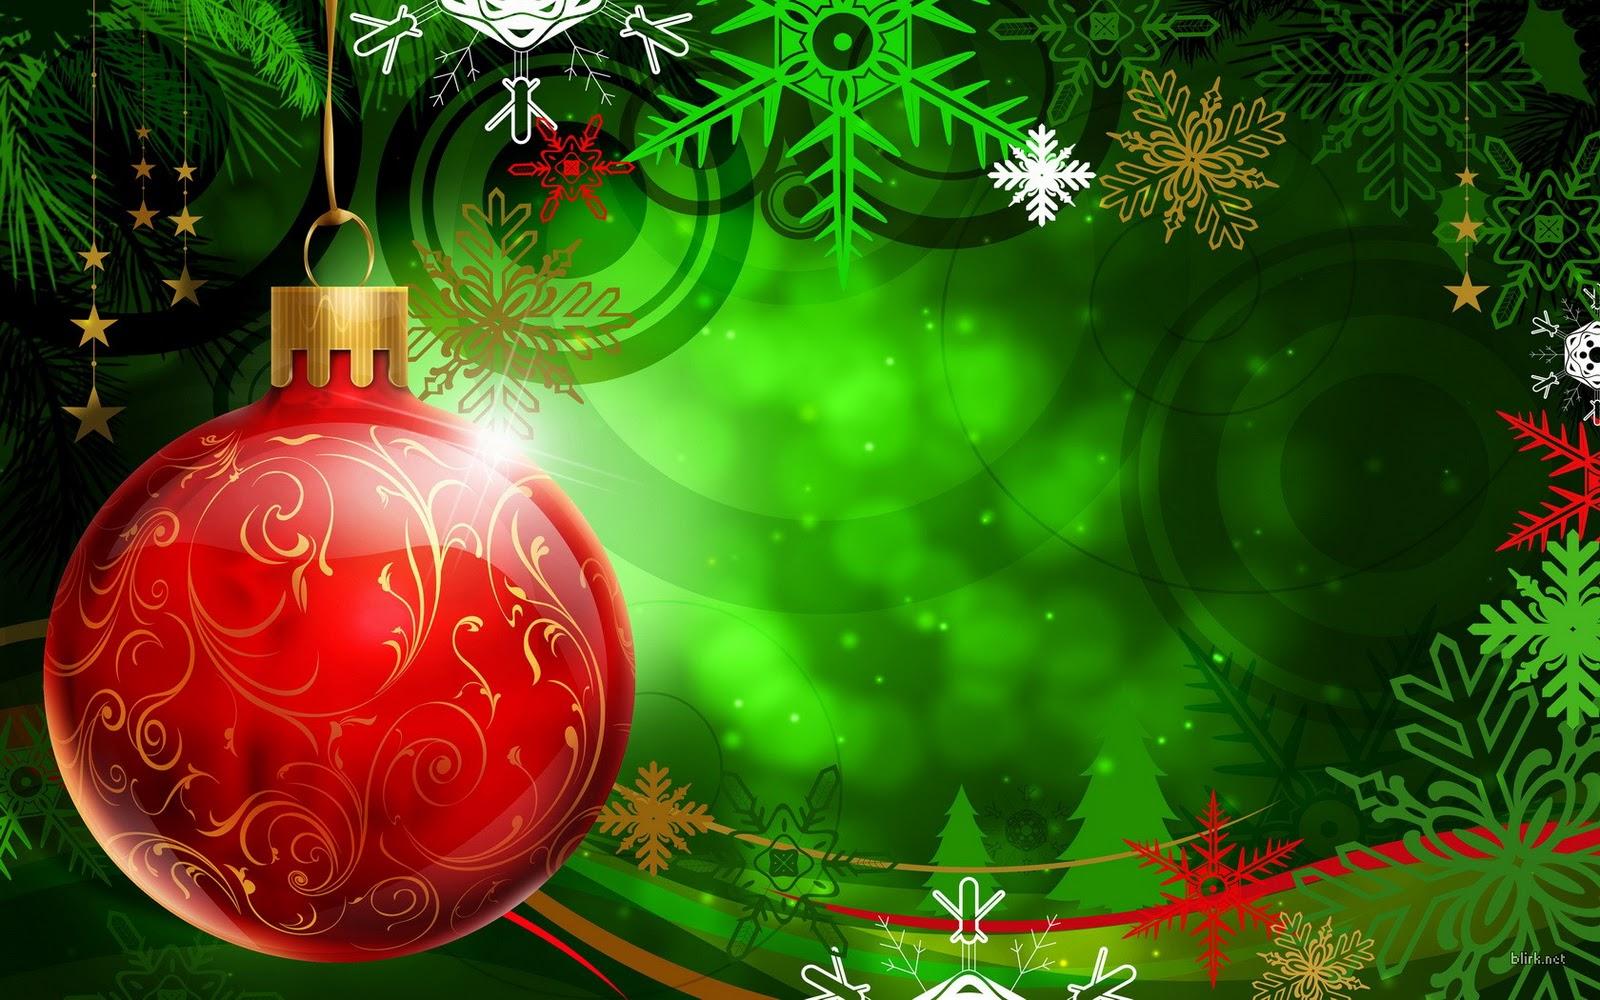 http://4.bp.blogspot.com/-VH64ZWi9QuM/Tqk3e4UwBBI/AAAAAAAAOuA/ANbBQXHNkhk/s1600/Mooie-kerst-achtergronden-leuke-hd-kerst-wallpapers-afbeeldingen-plaatjes-foto-36.jpg